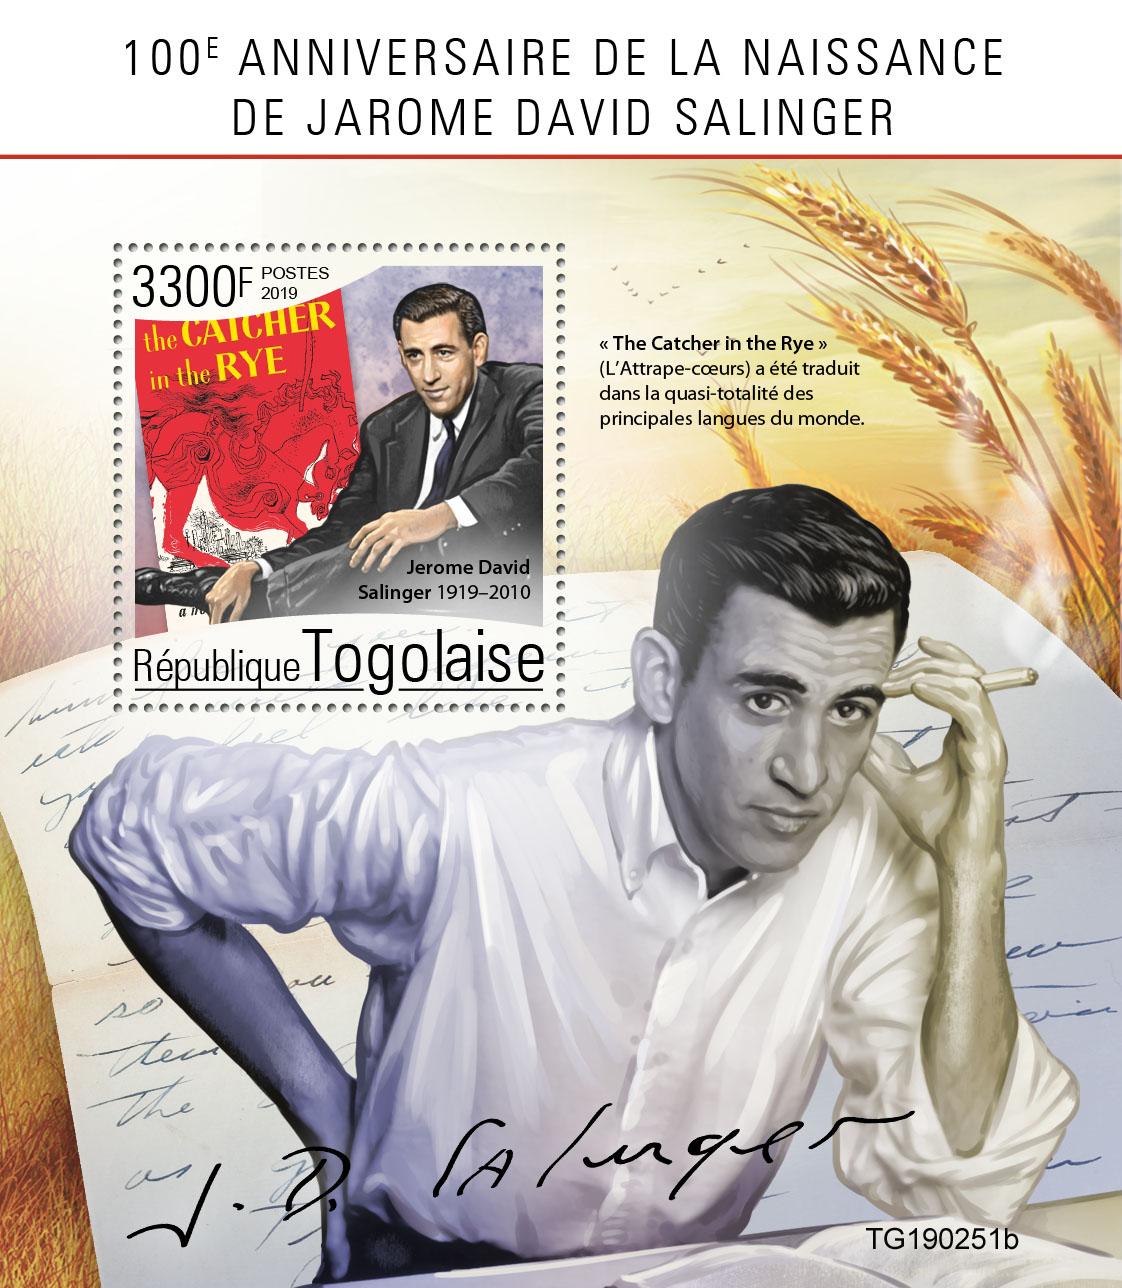 Jarome David Salinger - Issue of Togo postage stamps